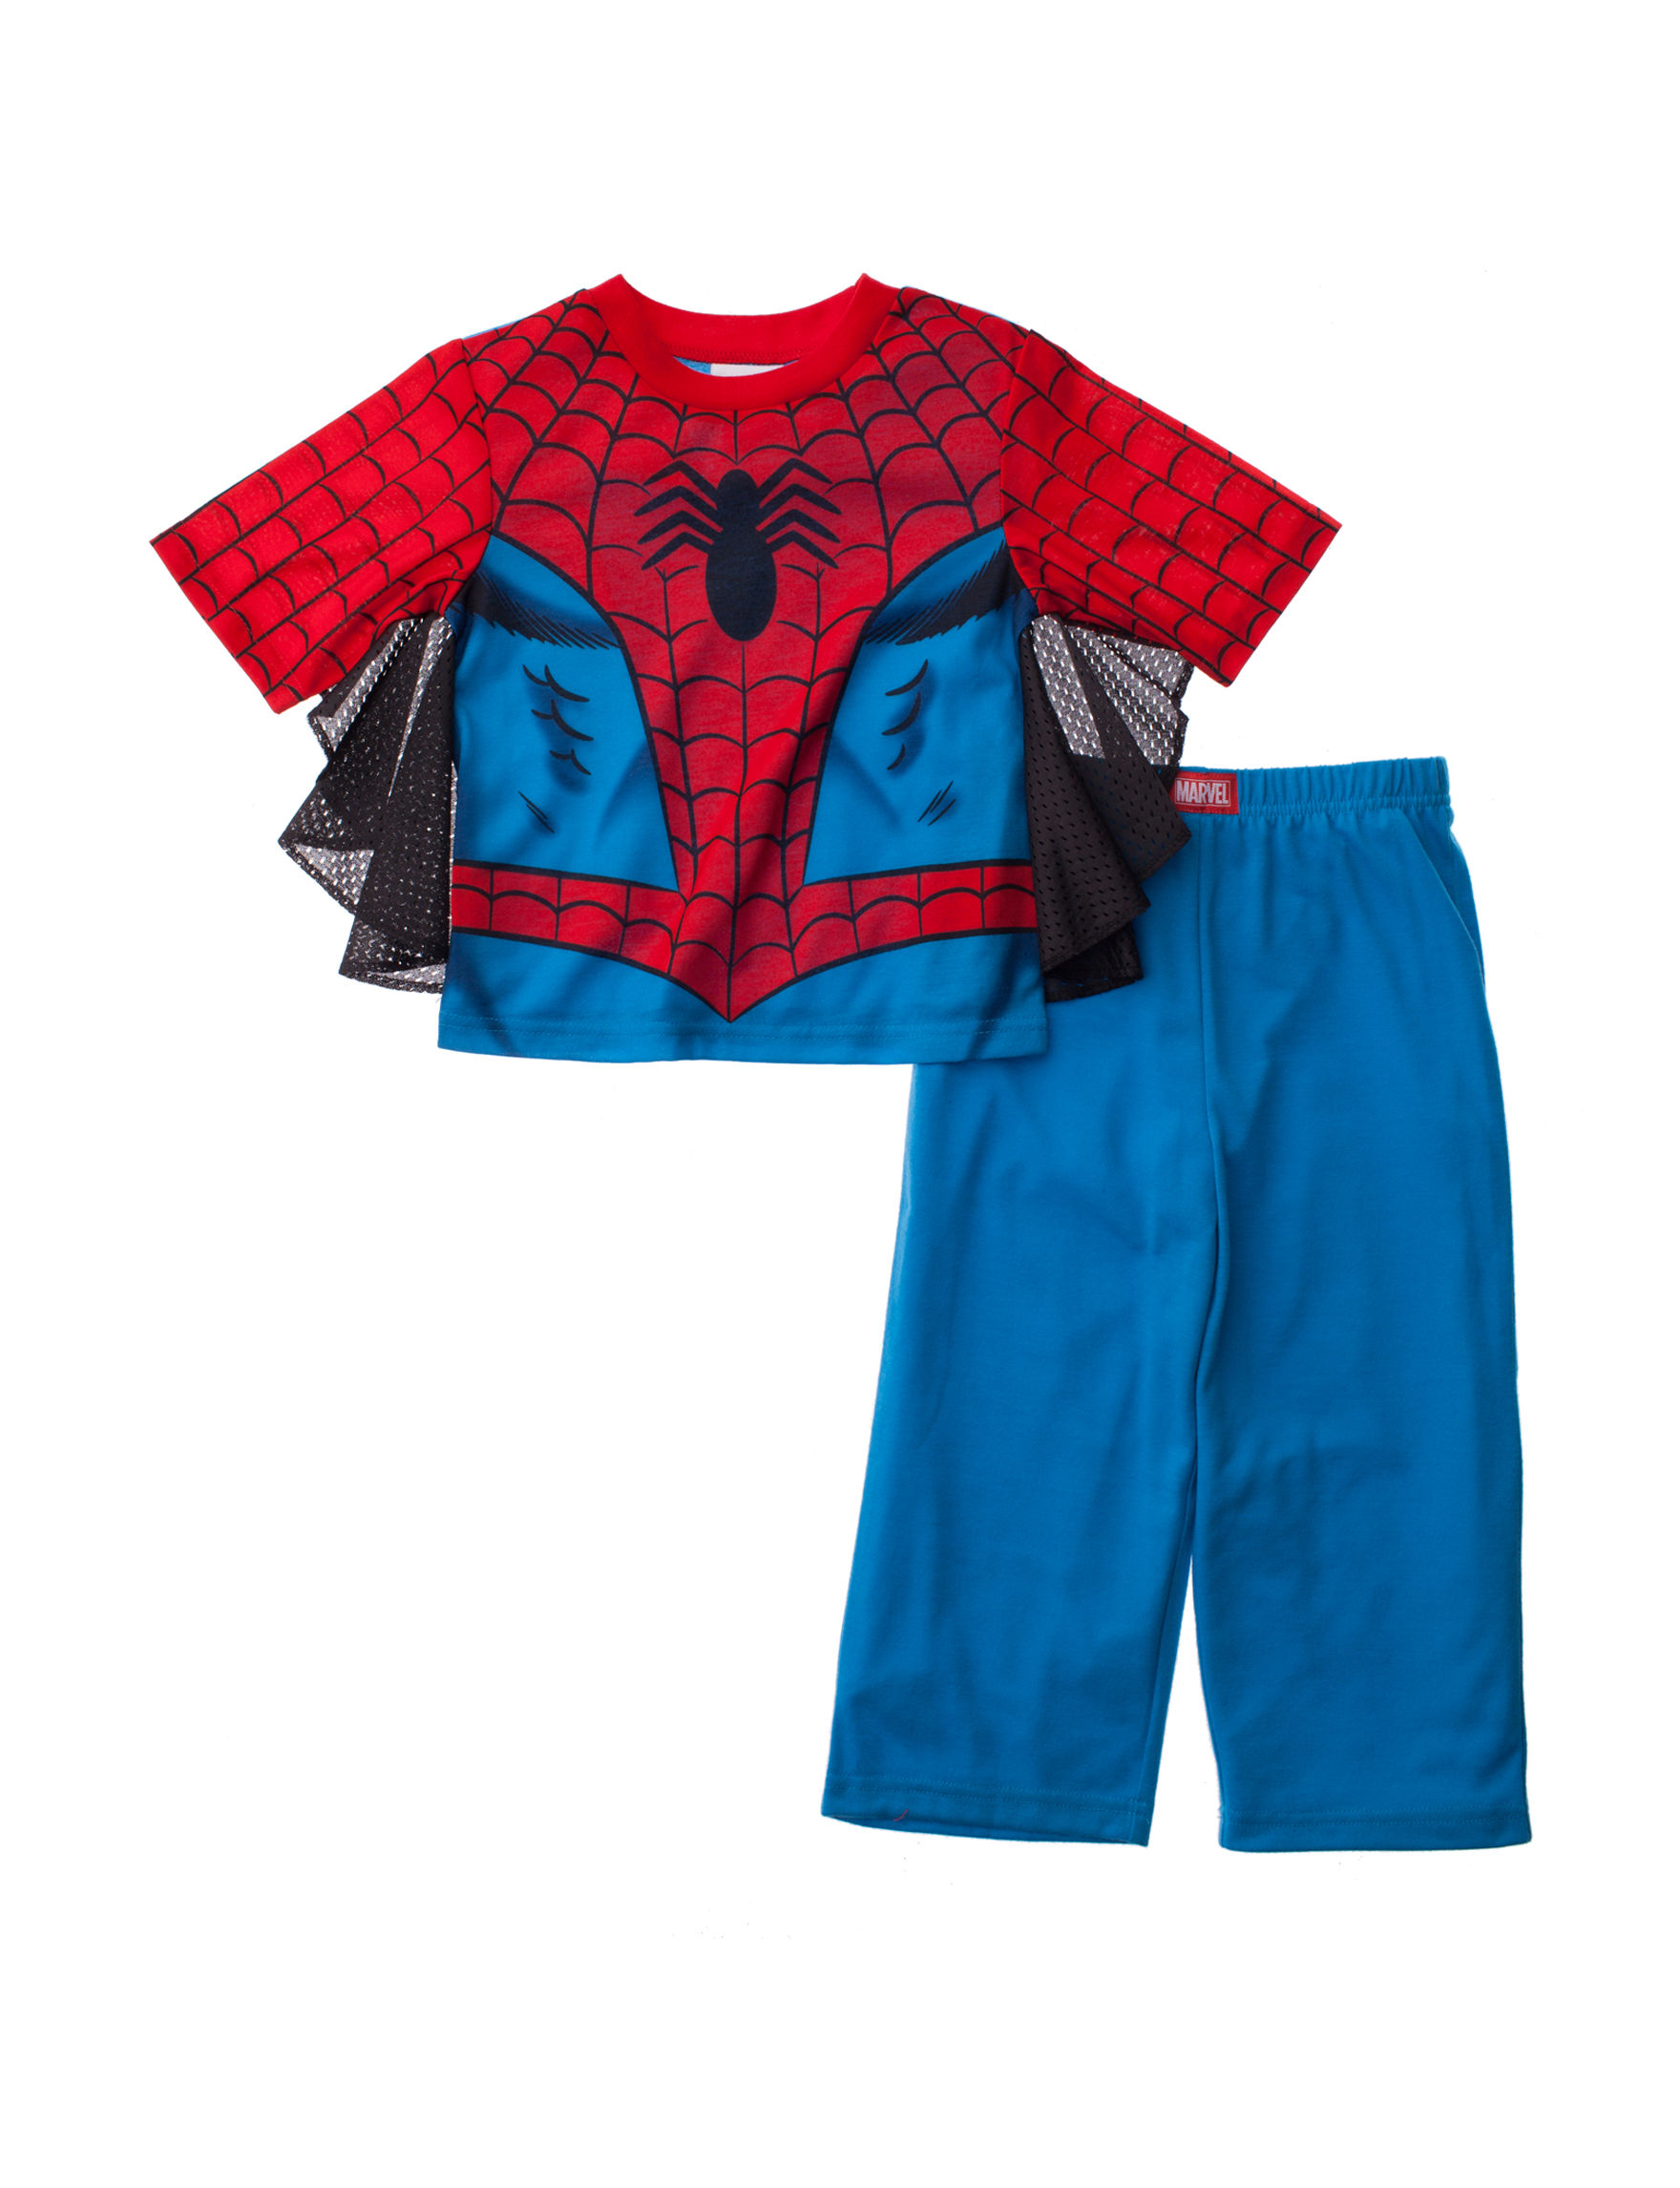 Licensed Blue/ Red Pajama Sets